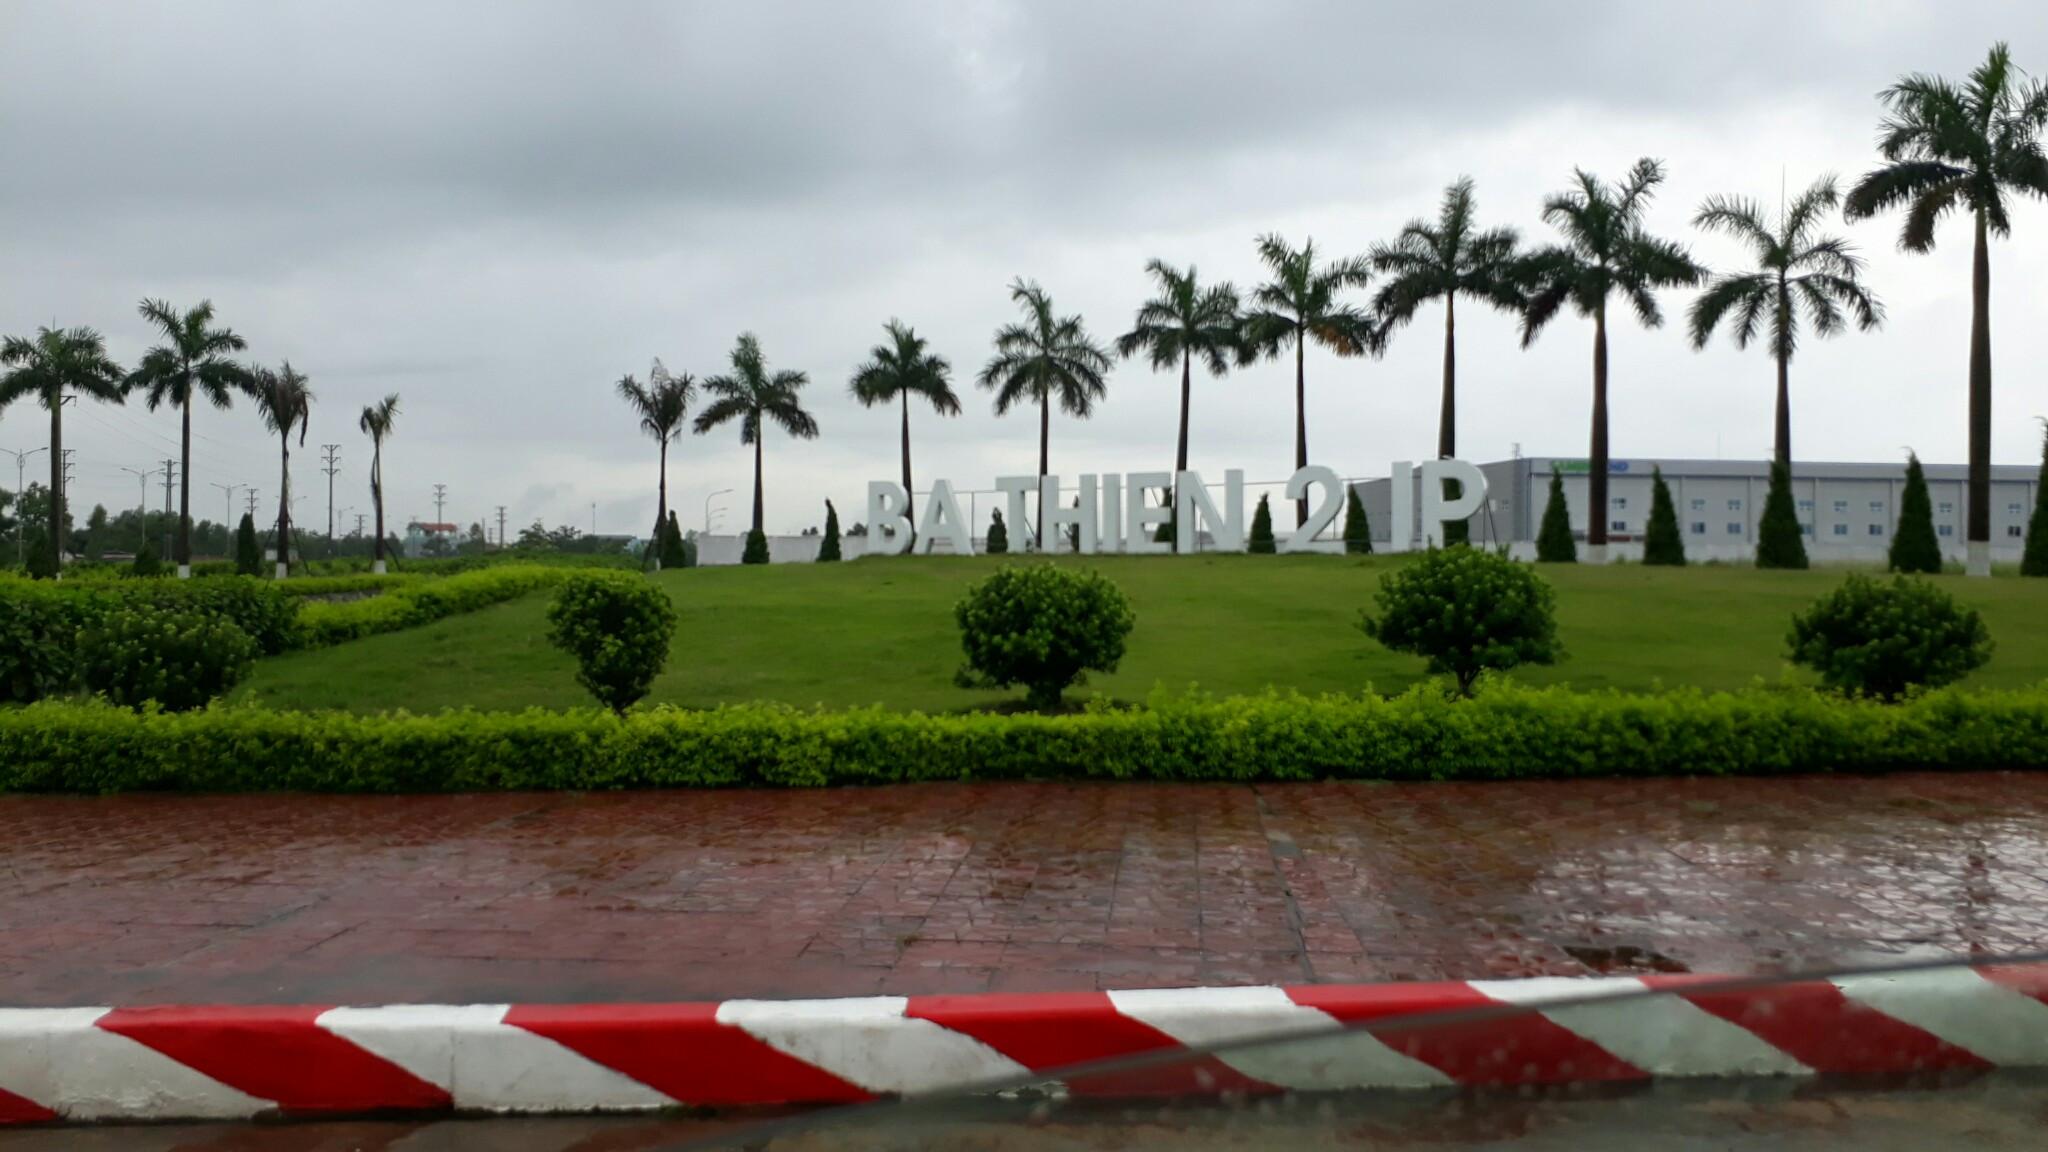 Cho thuê đất công nghiệp tại KCN Bá Thiện II Vĩnh Phúc